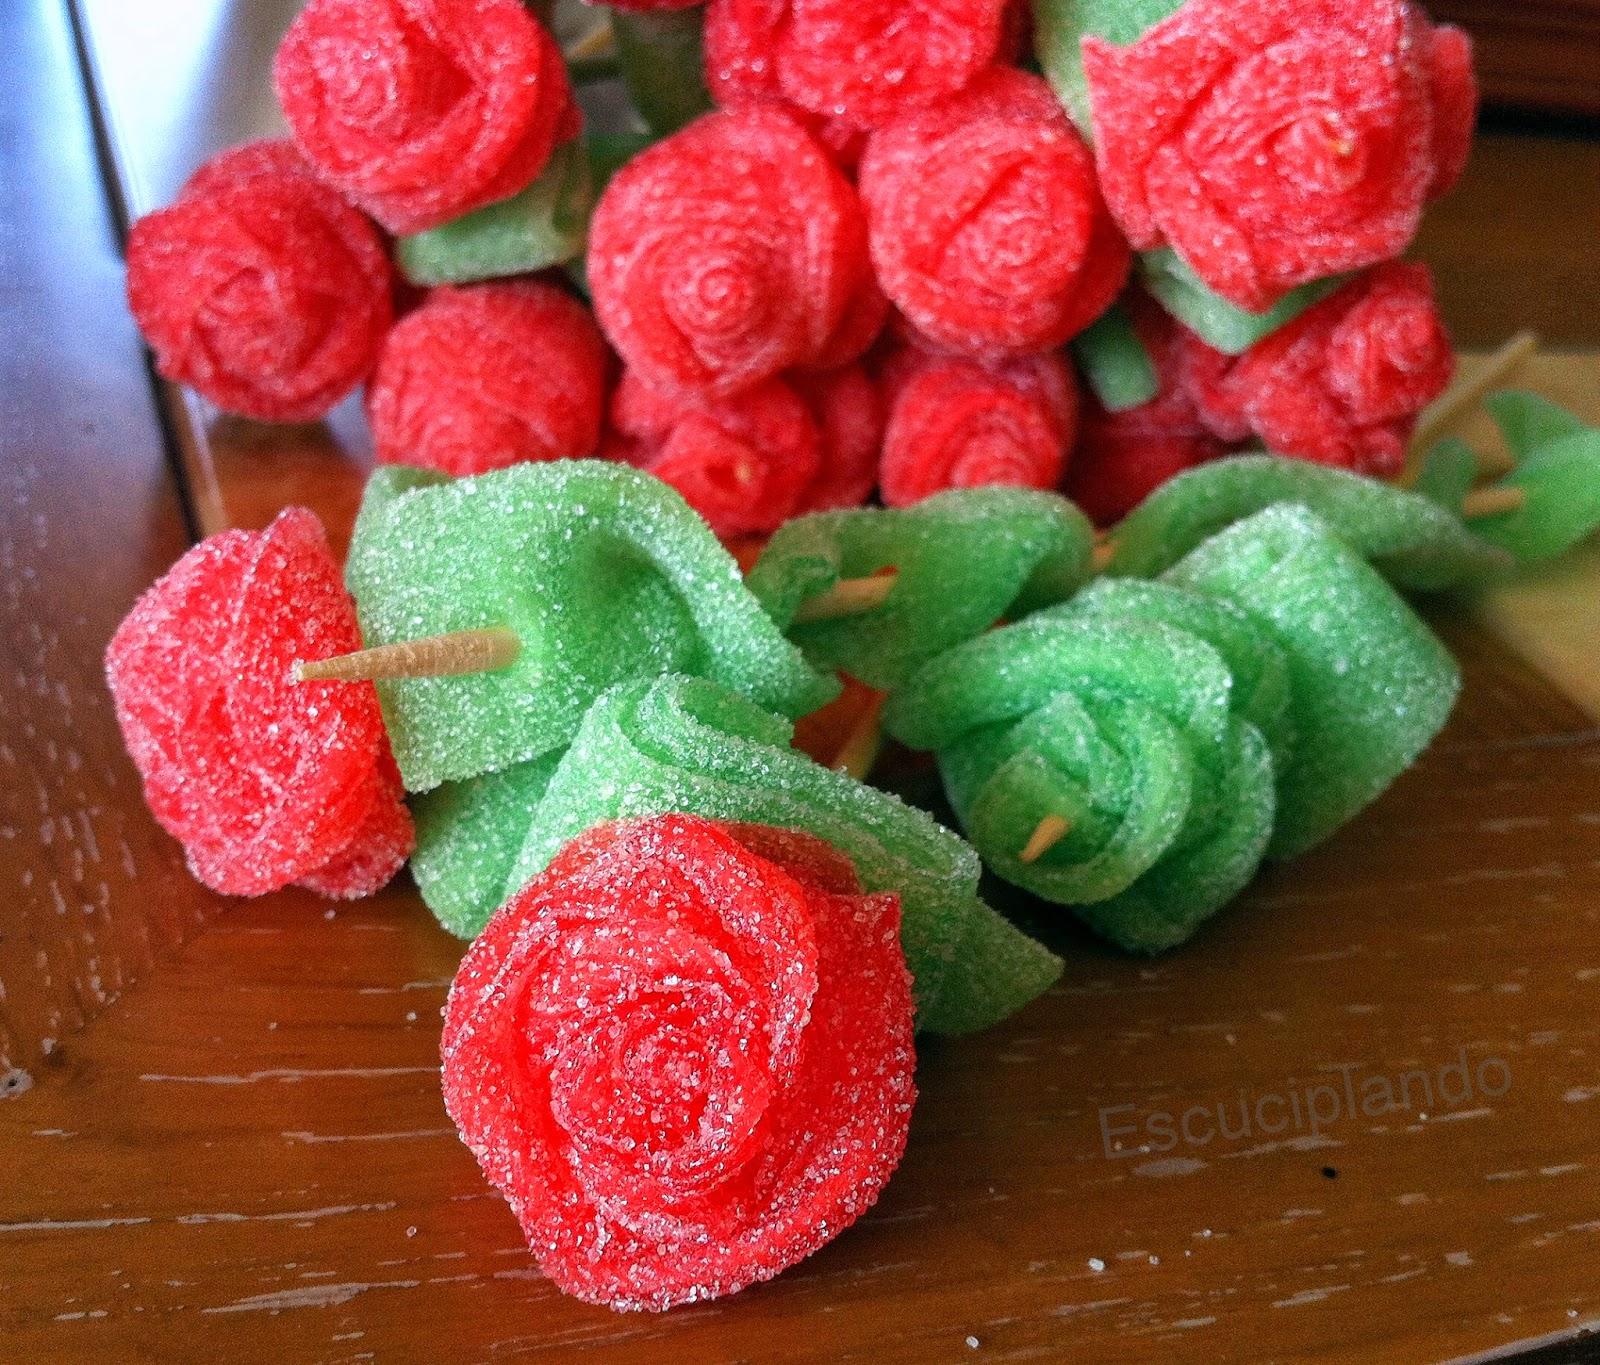 Imagenes De Rosas Preciosas - Imagenes de rosa rojas con frase de amor Imágenes